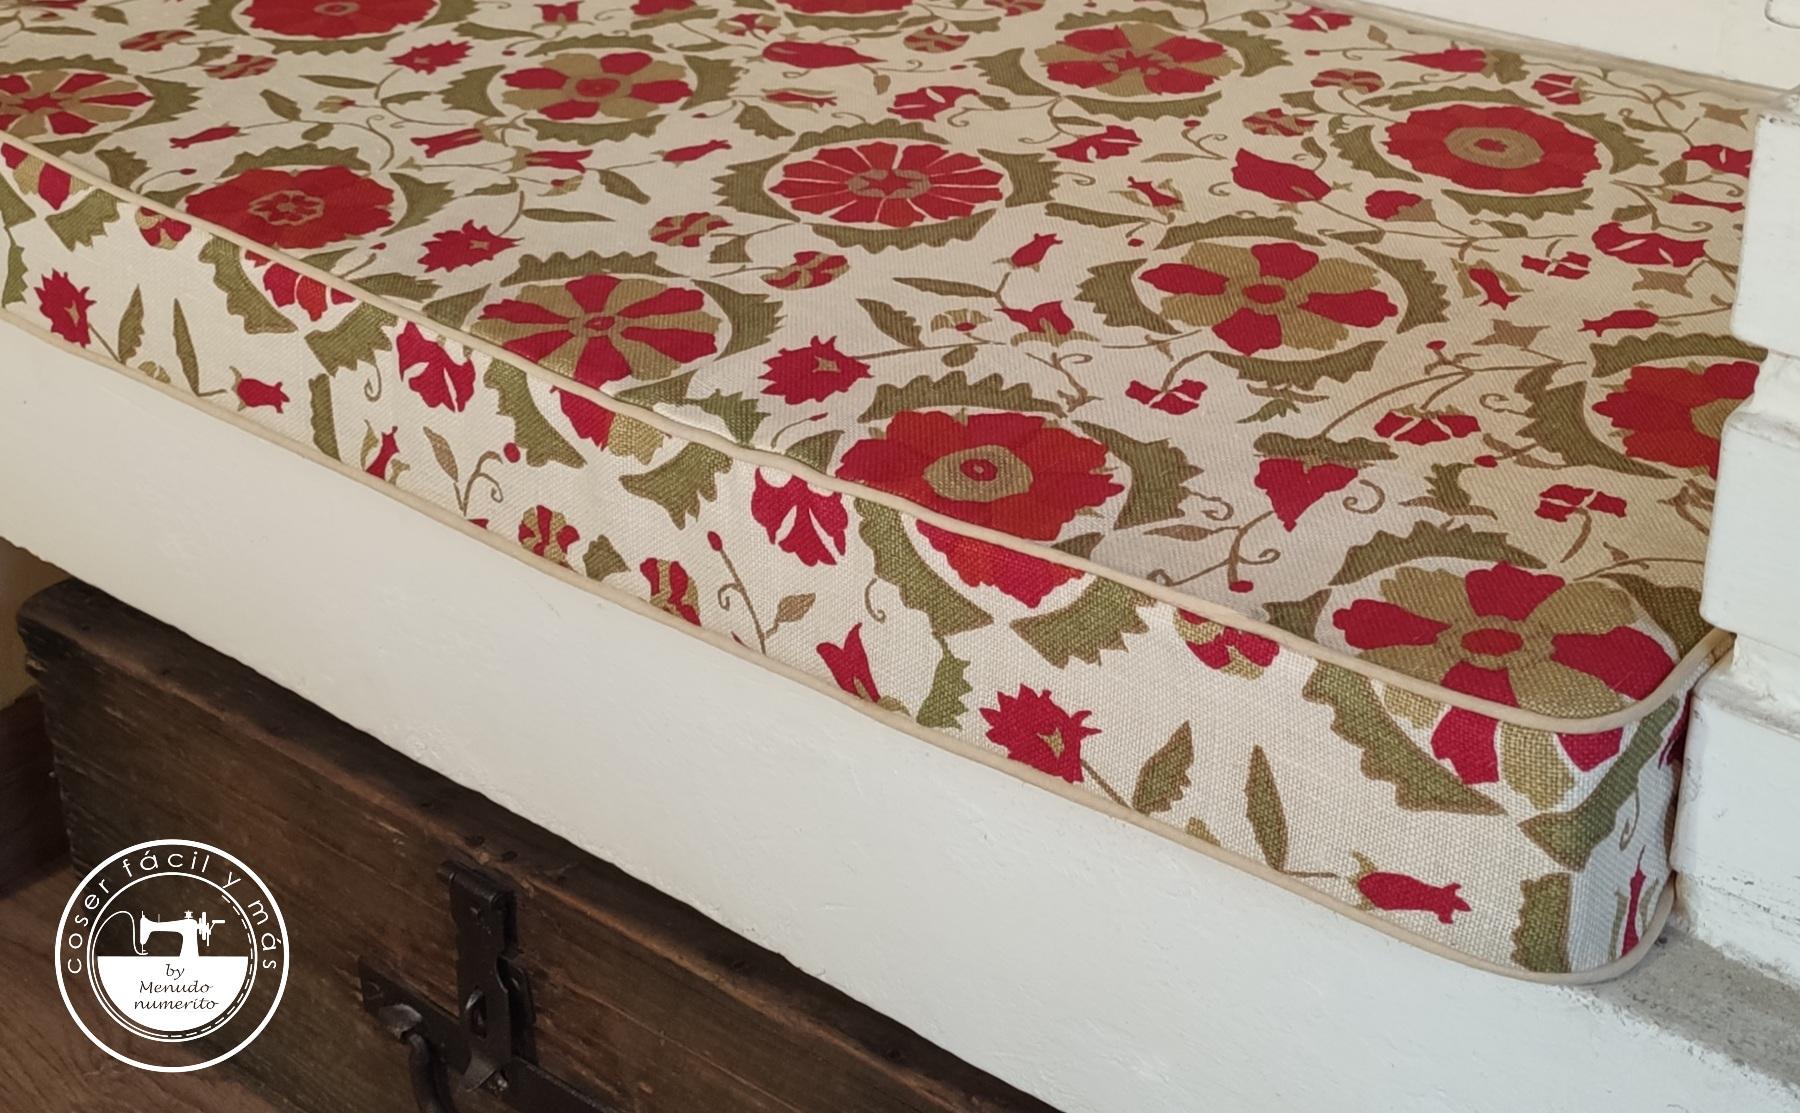 cojin colchoneta banco silla sofa menudo numerito blog de costura